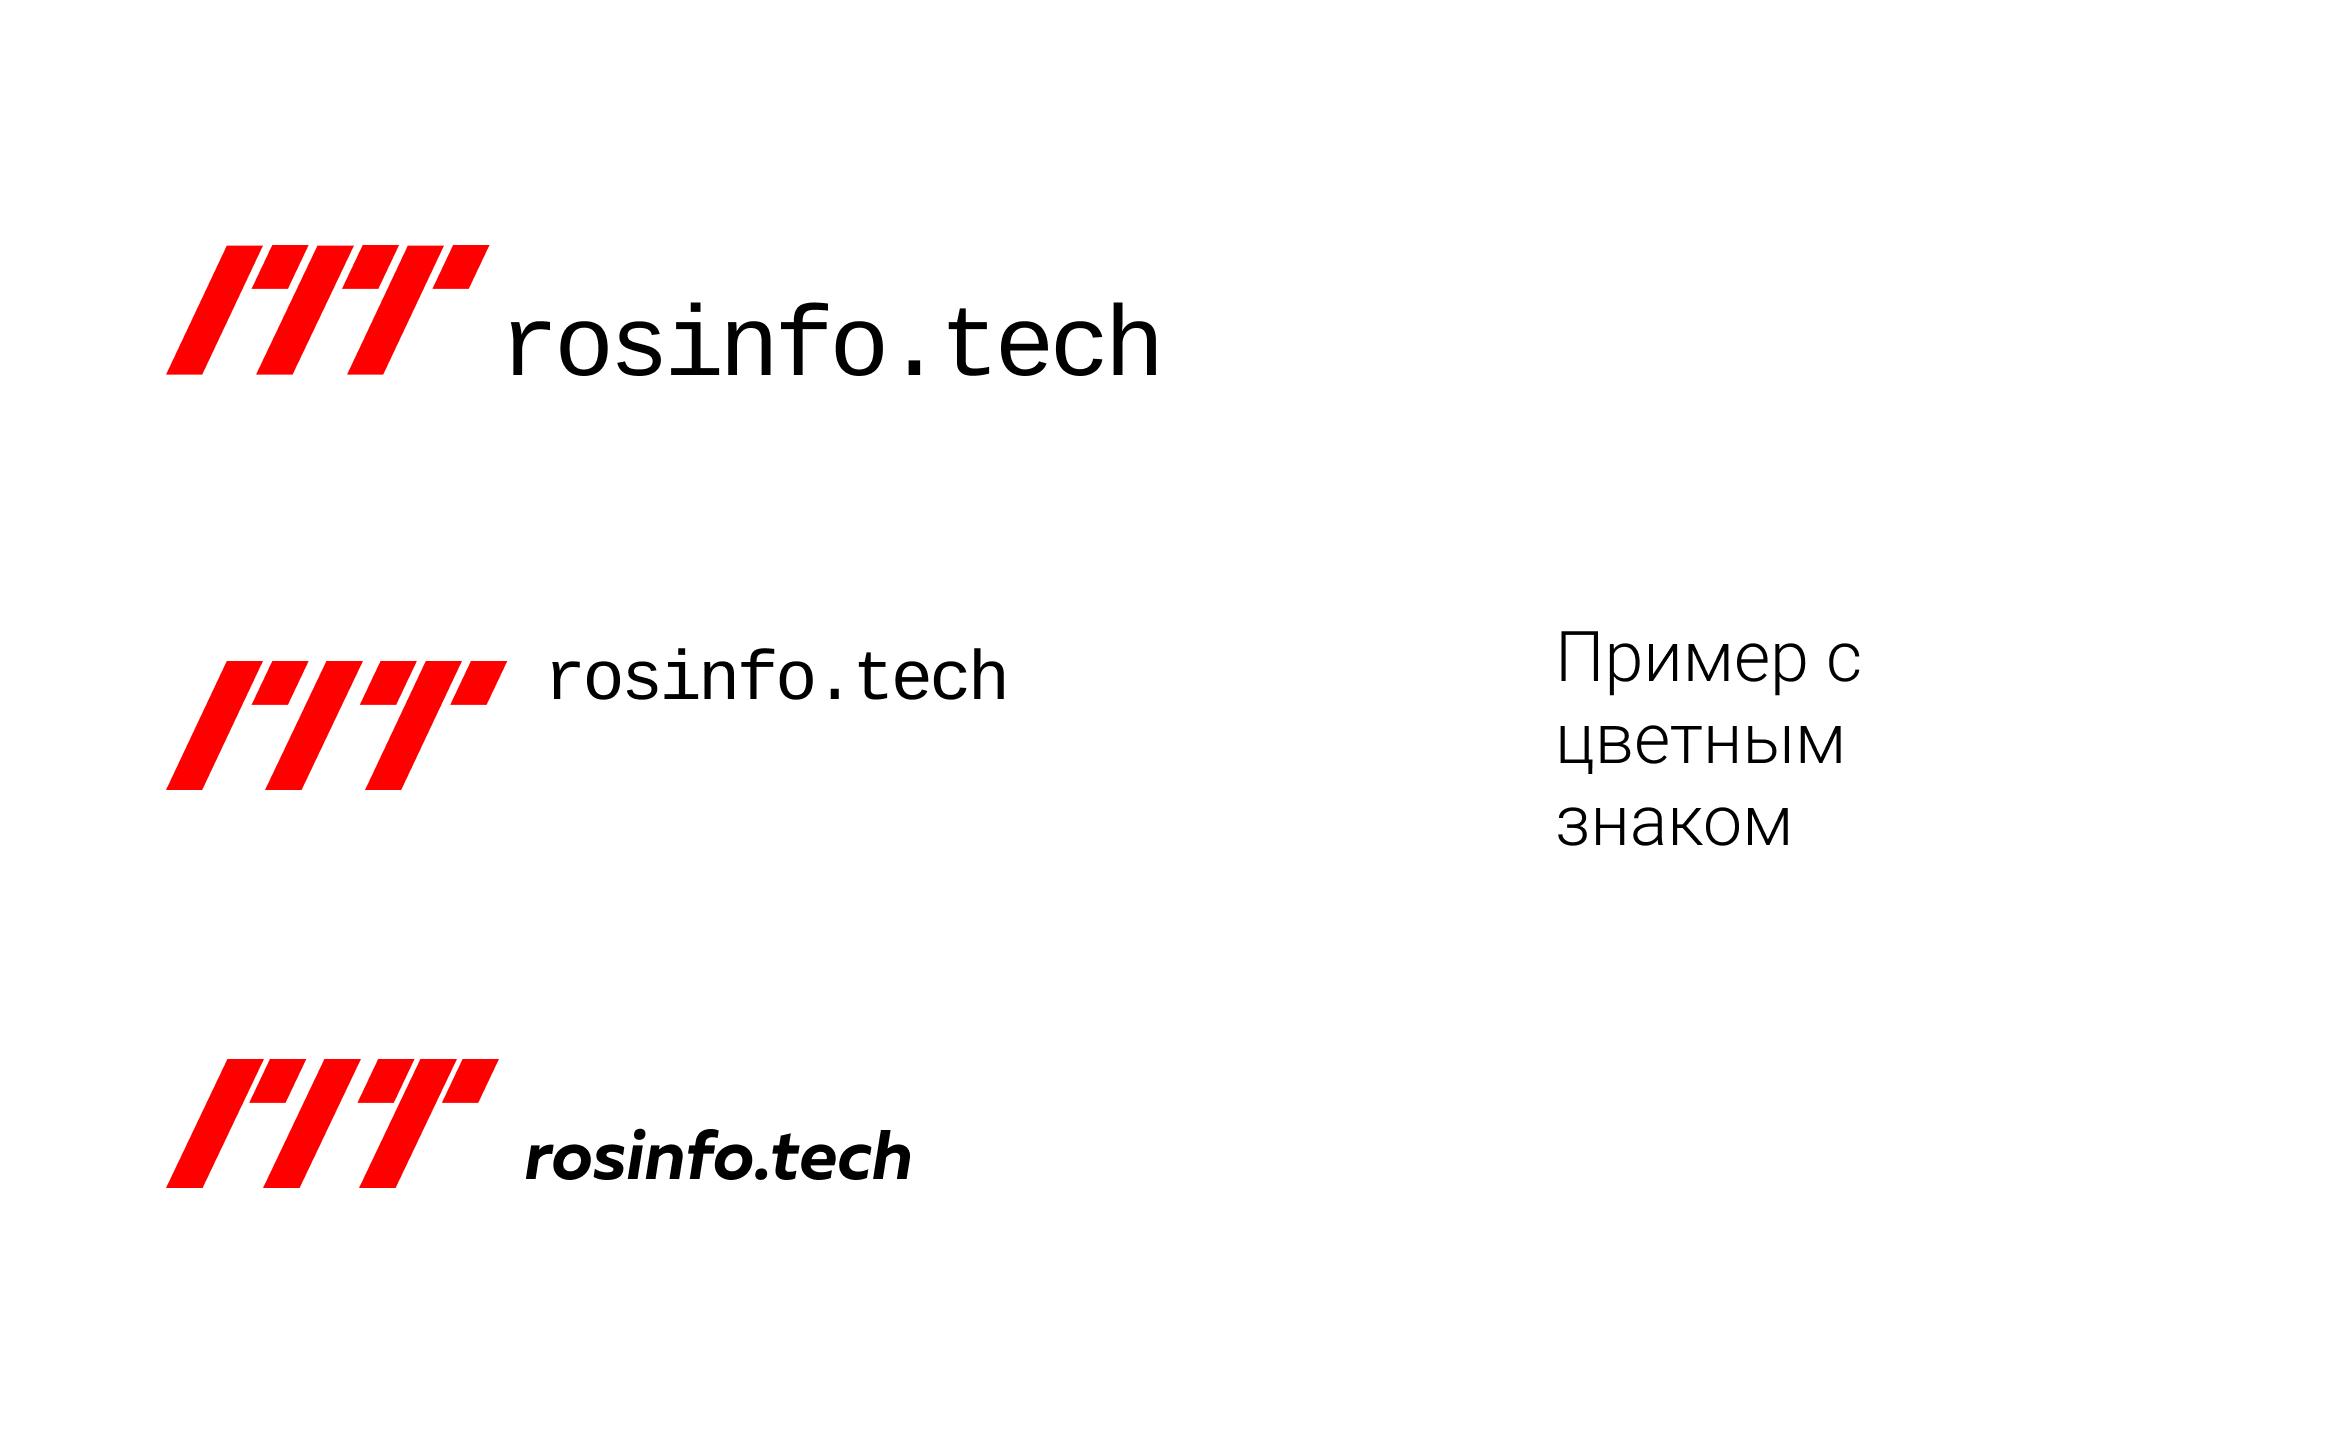 Разработка пакета айдентики rosinfo.tech фото f_3435e2b1281af5b4.jpg